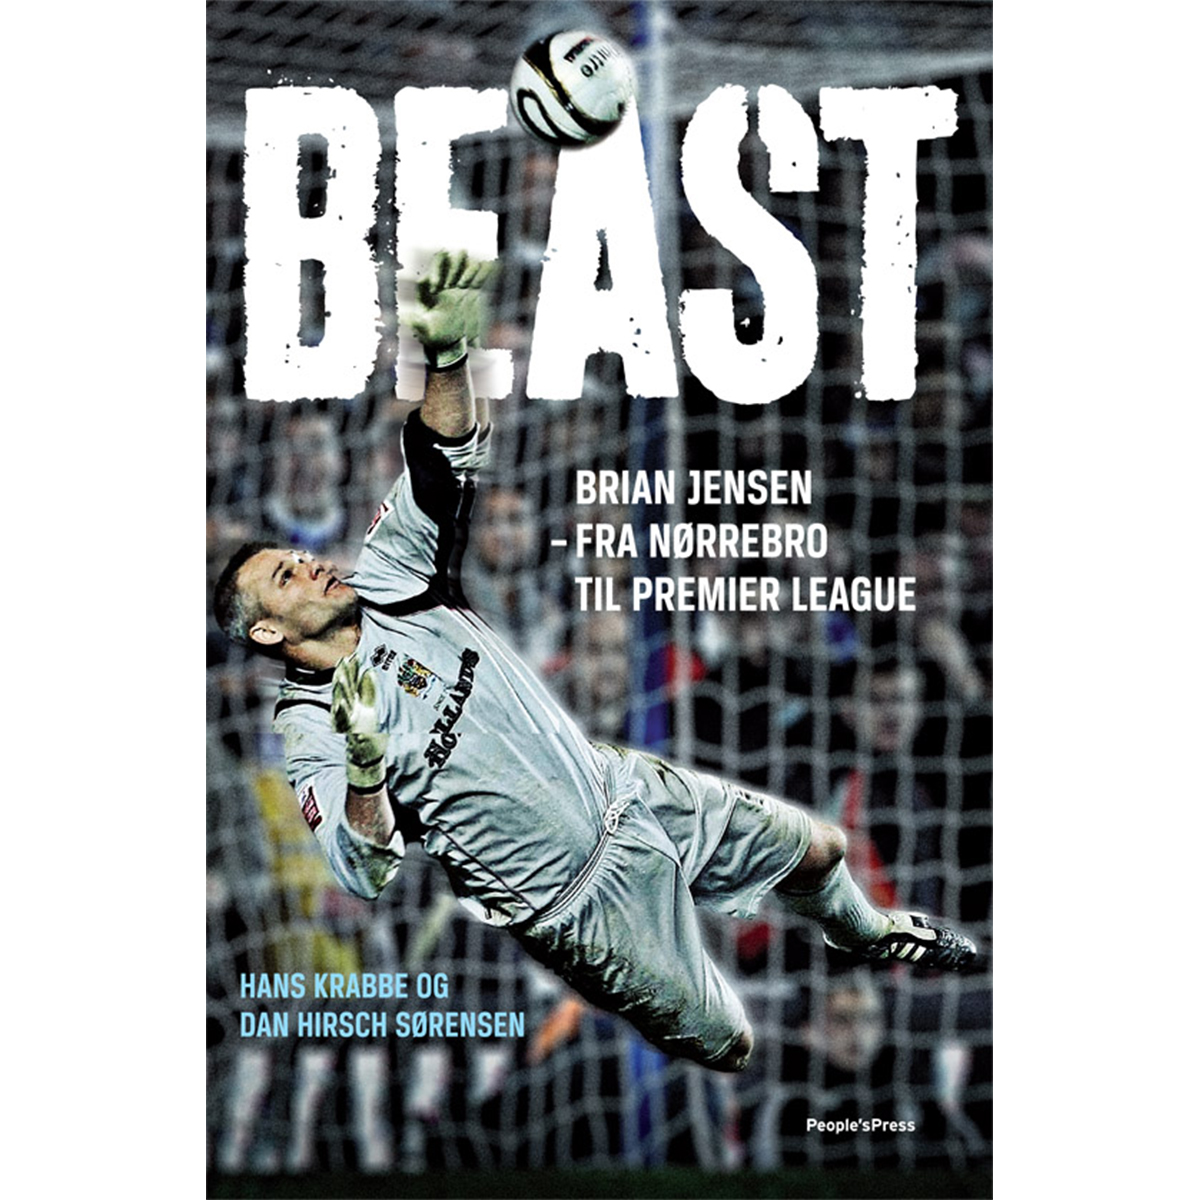 Beast - Brian Jensen - fra Nørrebro til Premier League - Hæftet